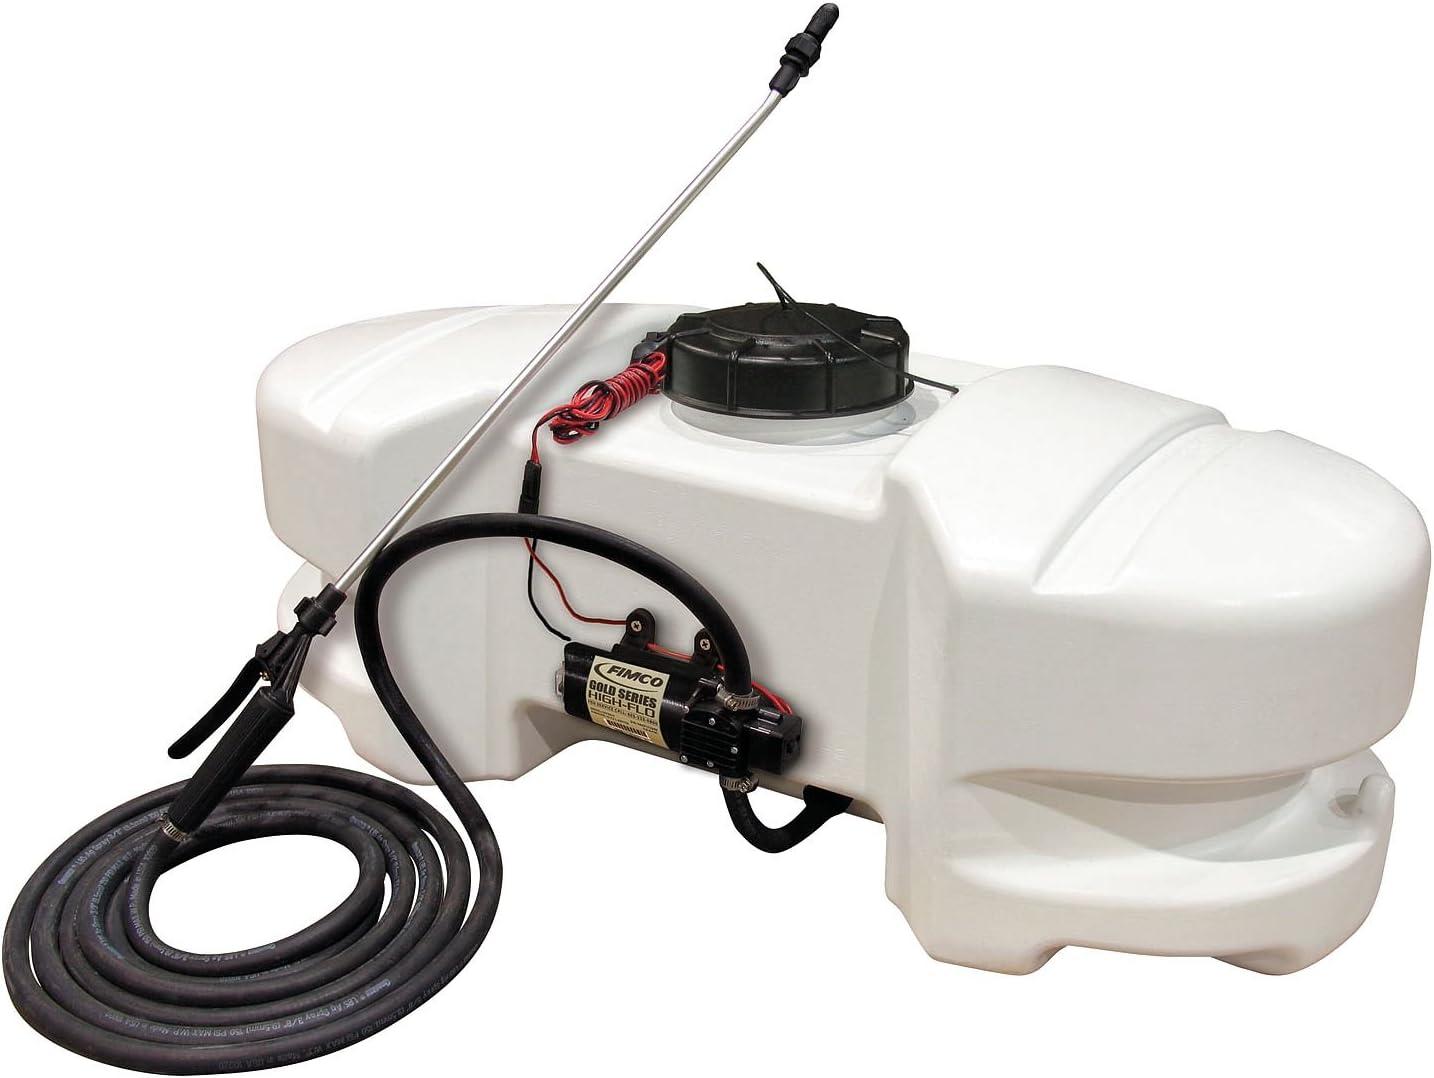 Fimco 15-Gallon Sprayer